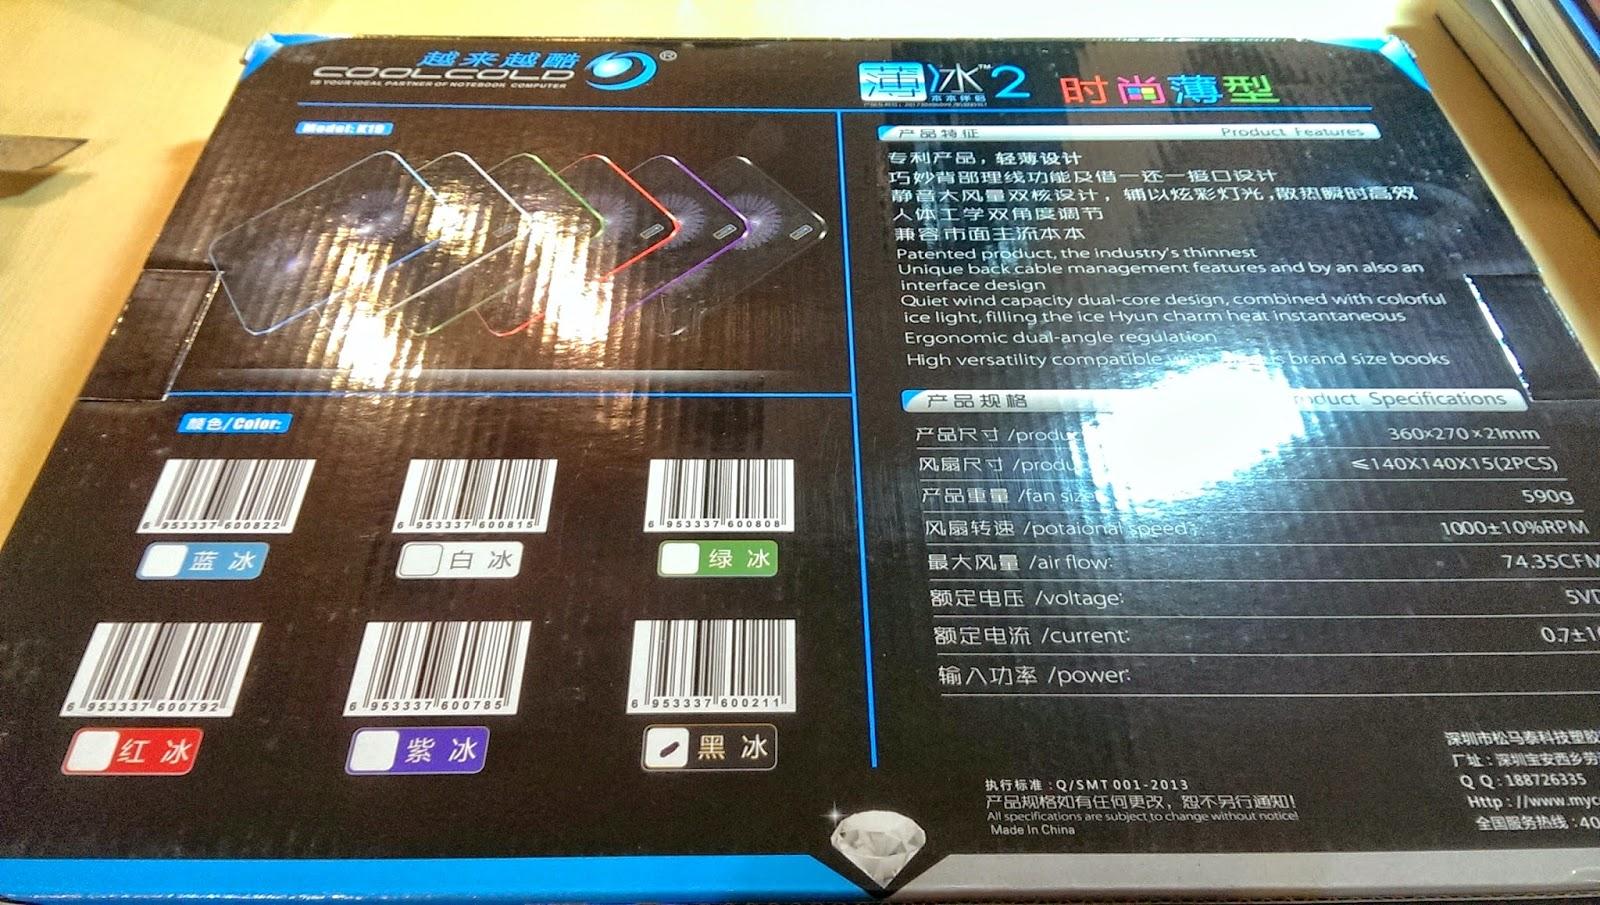 2015 02 21%2B19.39.40 - [開箱] 超薄大尺寸的筆電散熱墊,除了降低溫度、還能讓坐姿更加端正!